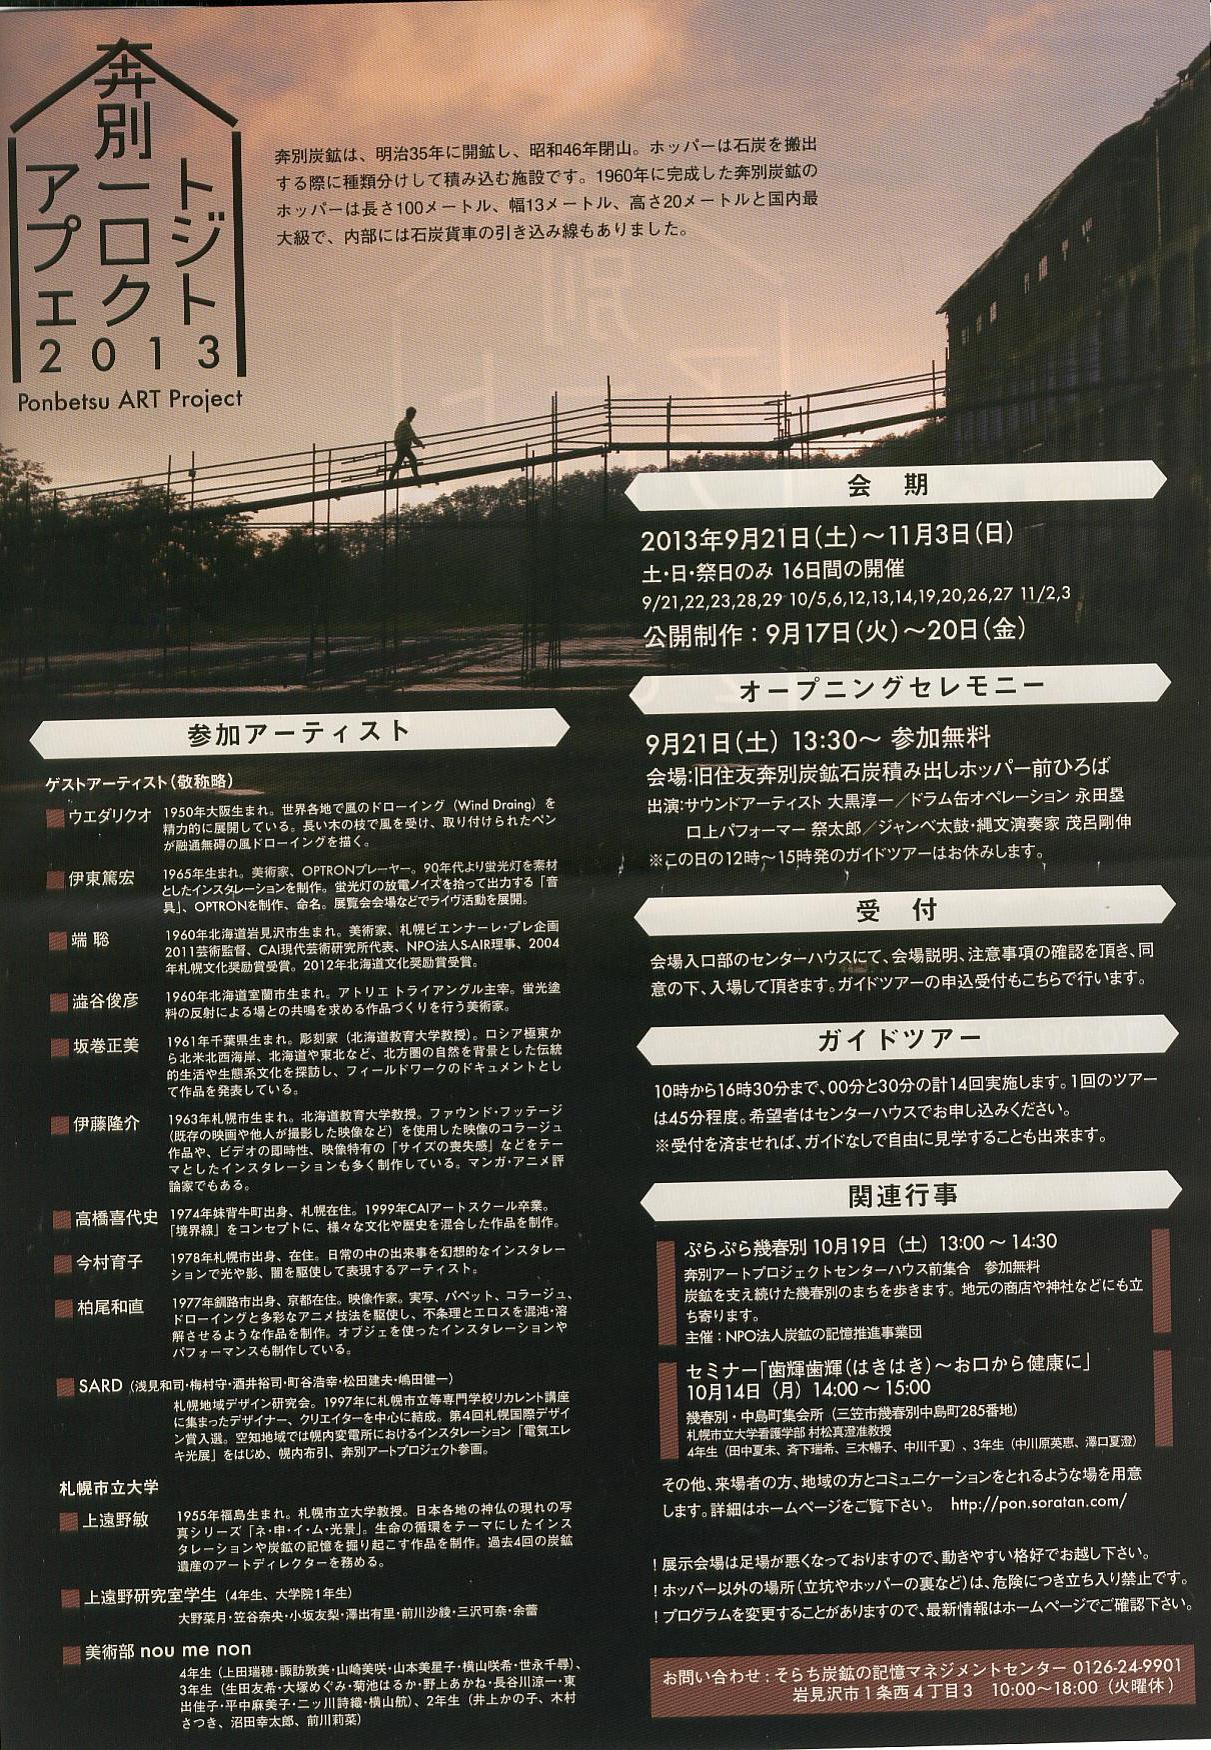 2287)①「奔別アート・プロジェクト 2013」 三笠・幾春別 9月21日(土)~11月3日(日)※土日祝のみの16日間_f0126829_22281425.jpg